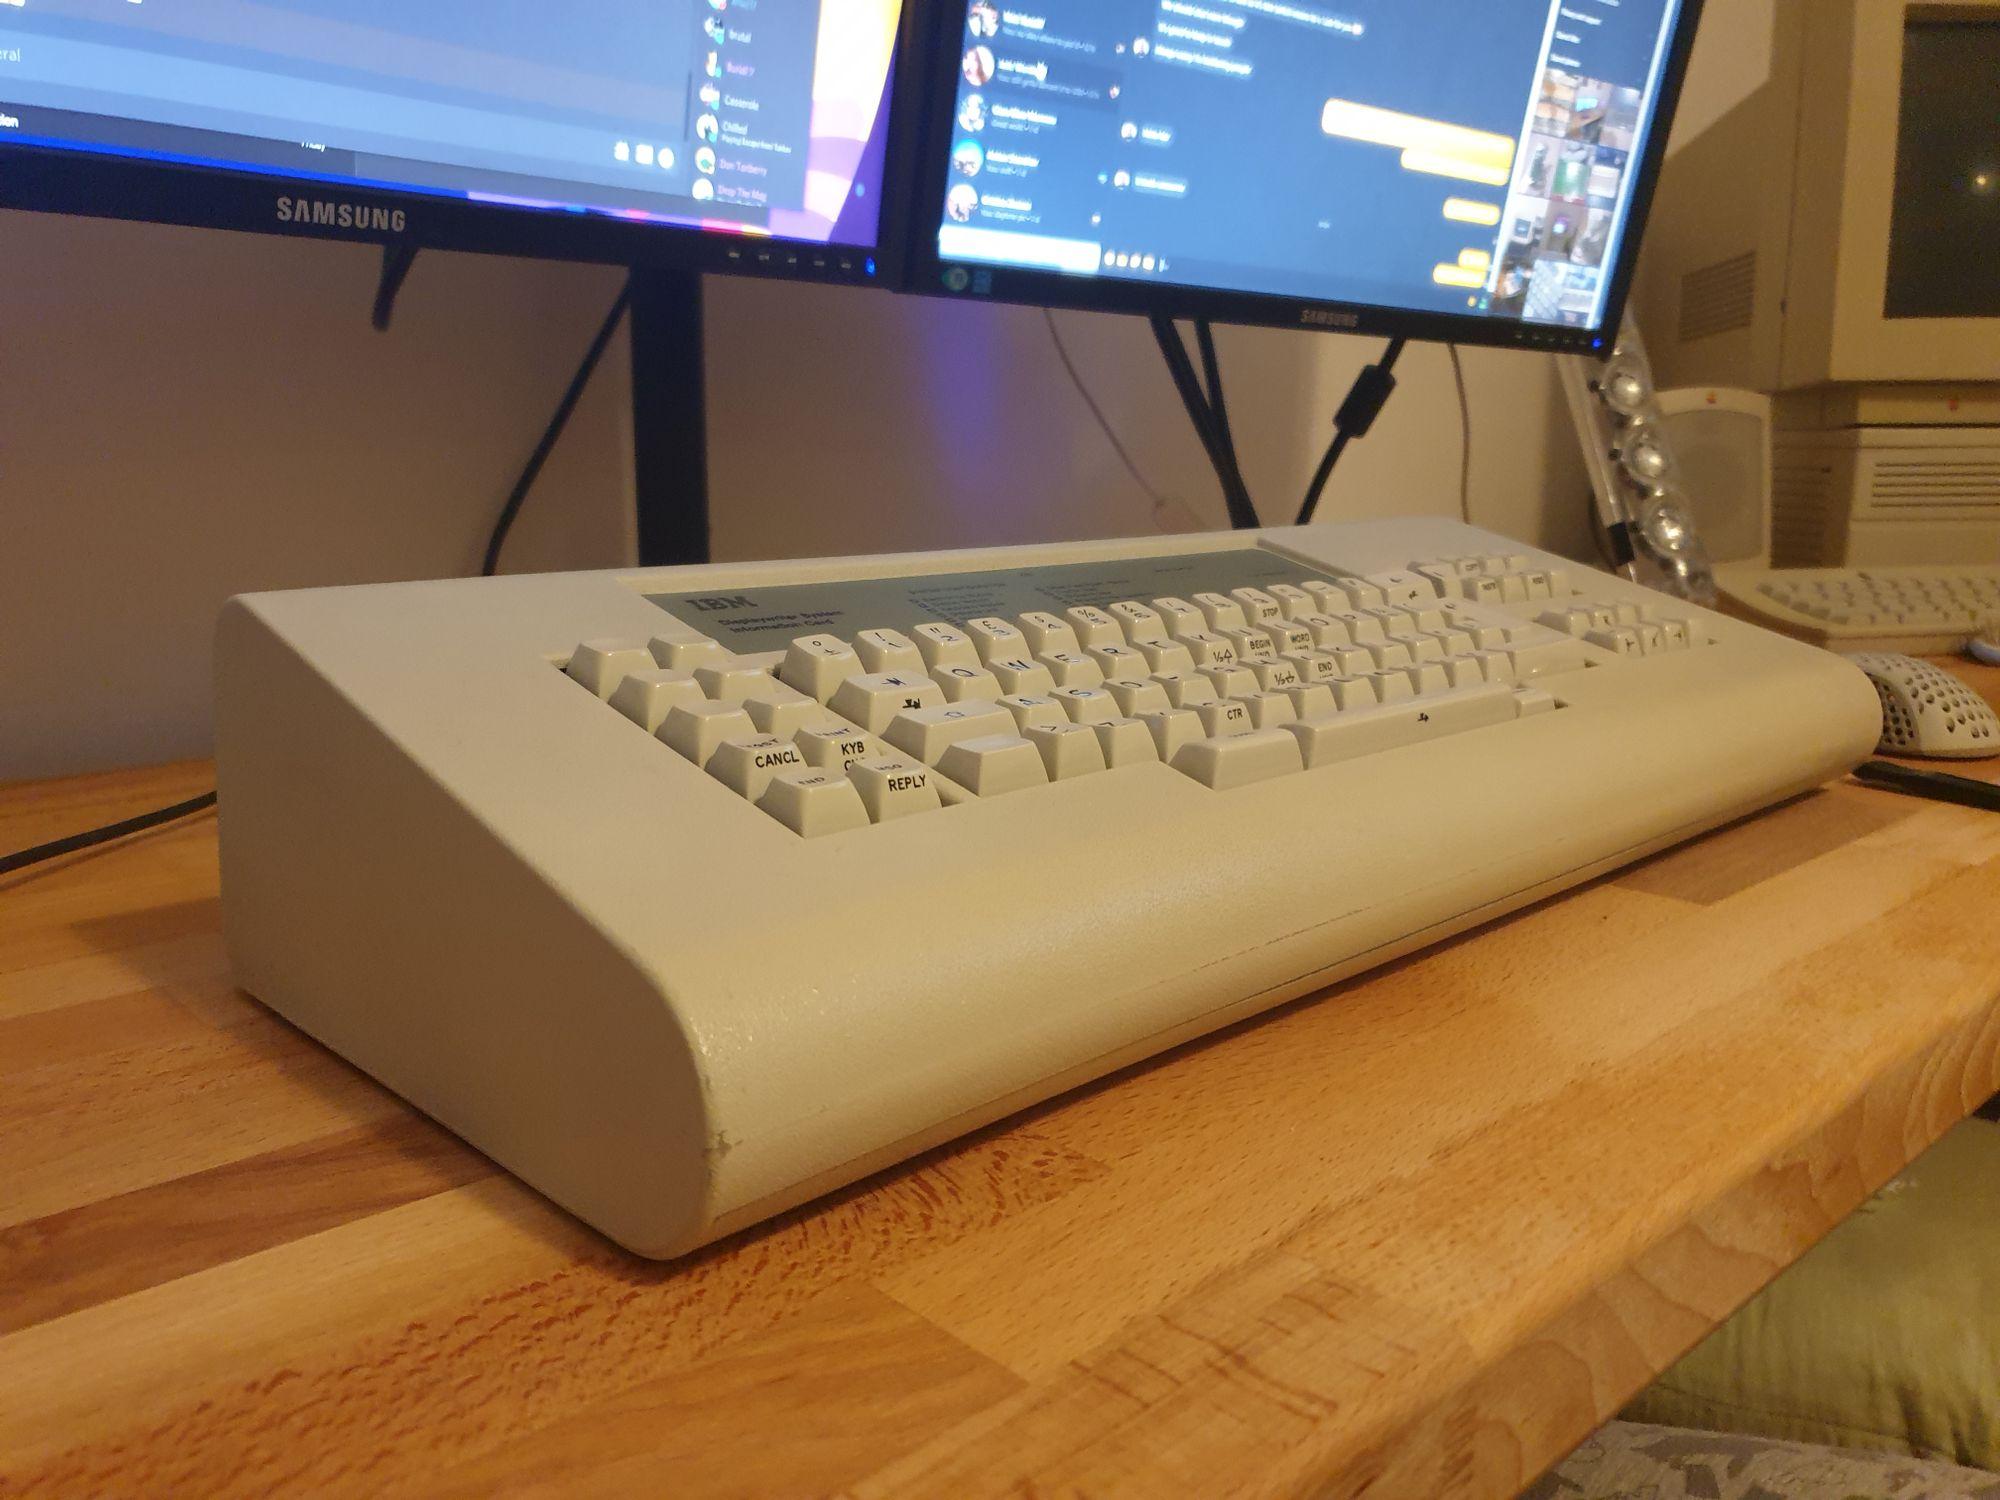 IBM Displaywriter 6580 Keyboard